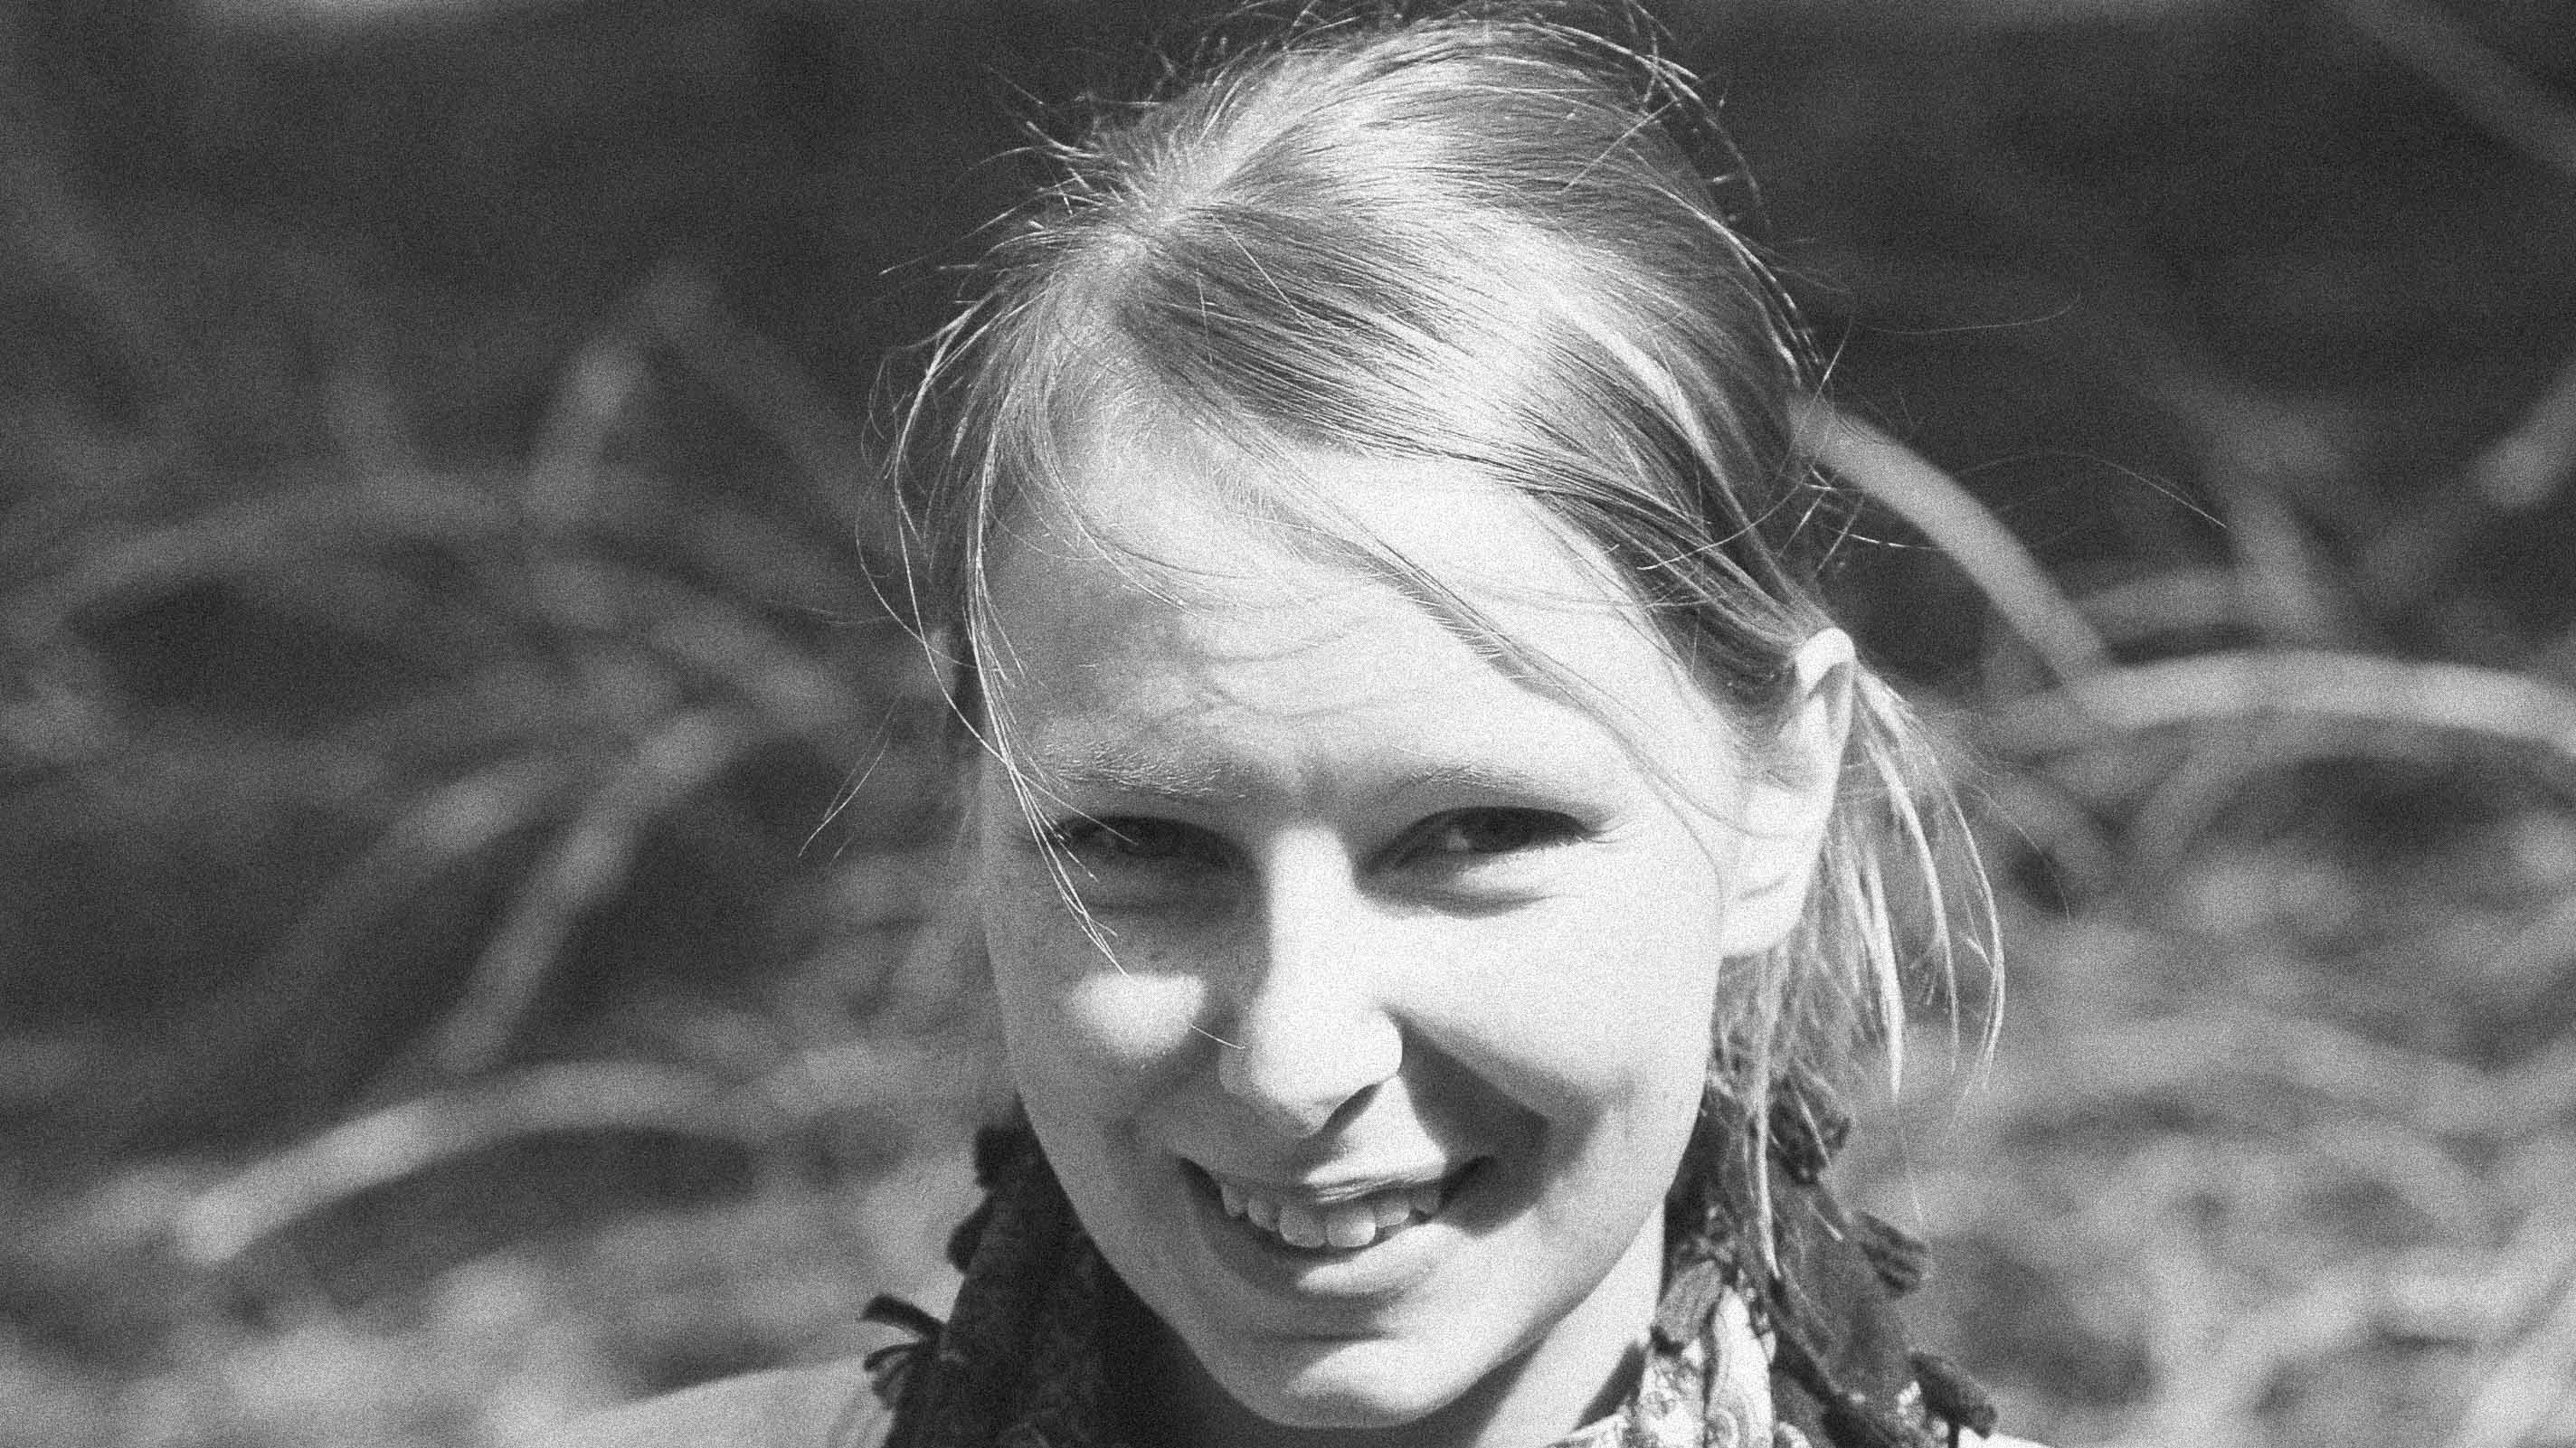 Eine blonde junge Frau lächelt in die Kamera.